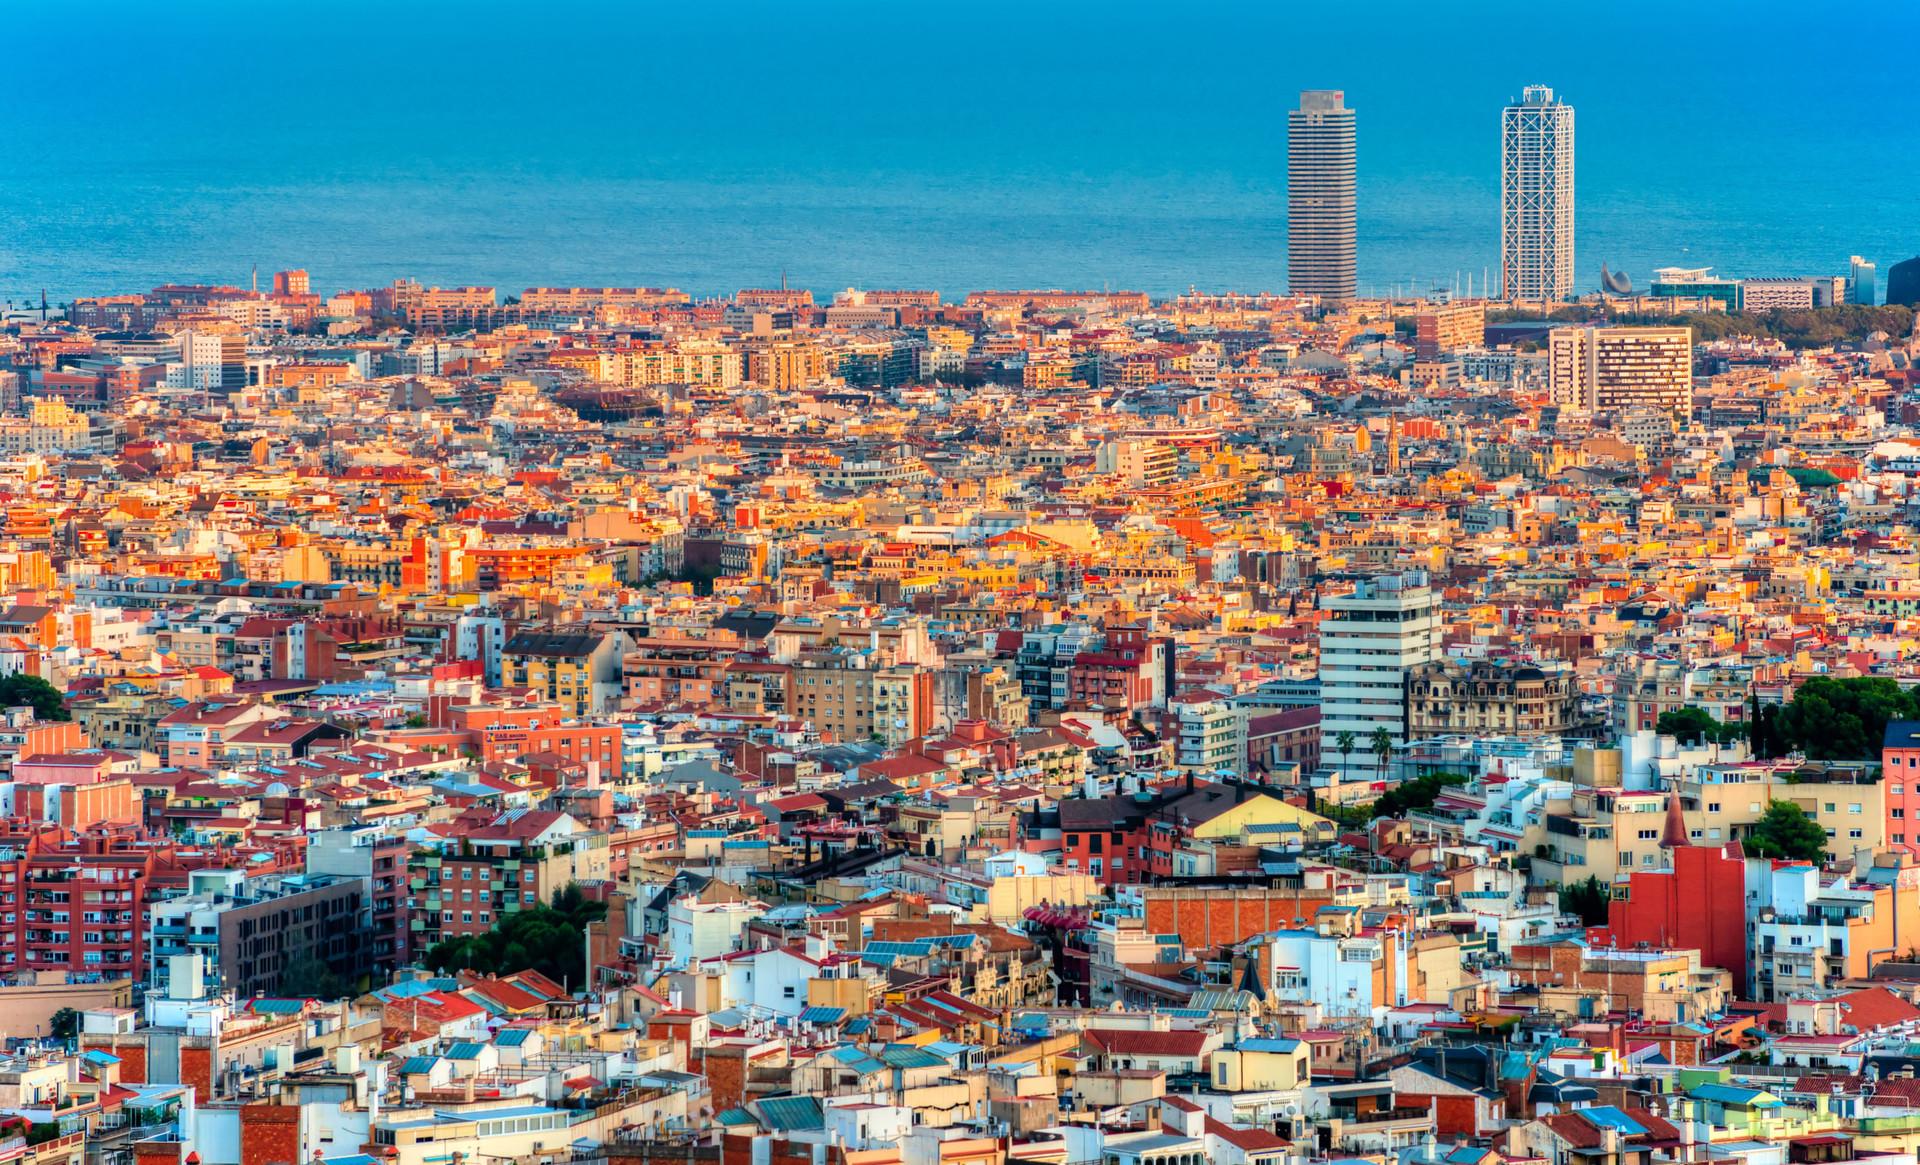 Ville D Espagne Traduit En Espagnol